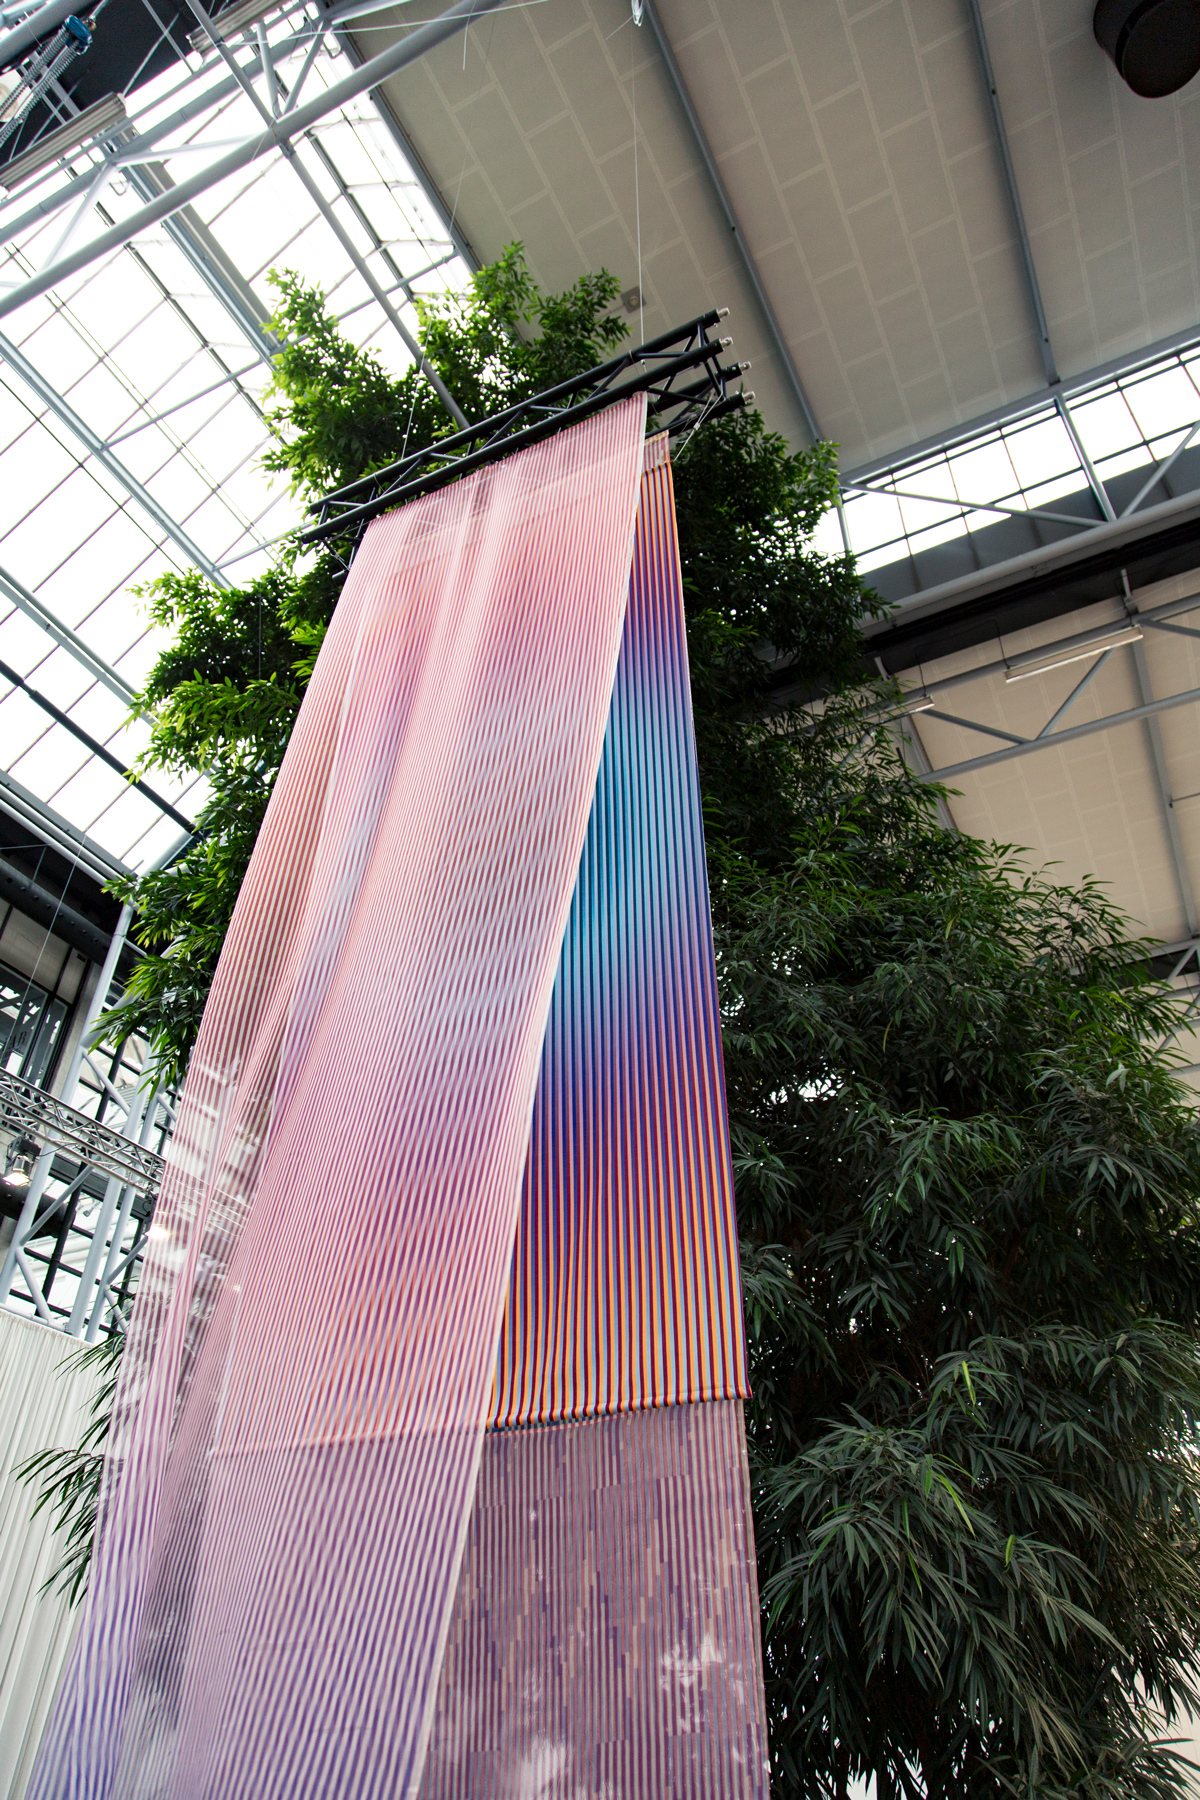 Trichroic Tapestries at Northmodern in Copenhagen